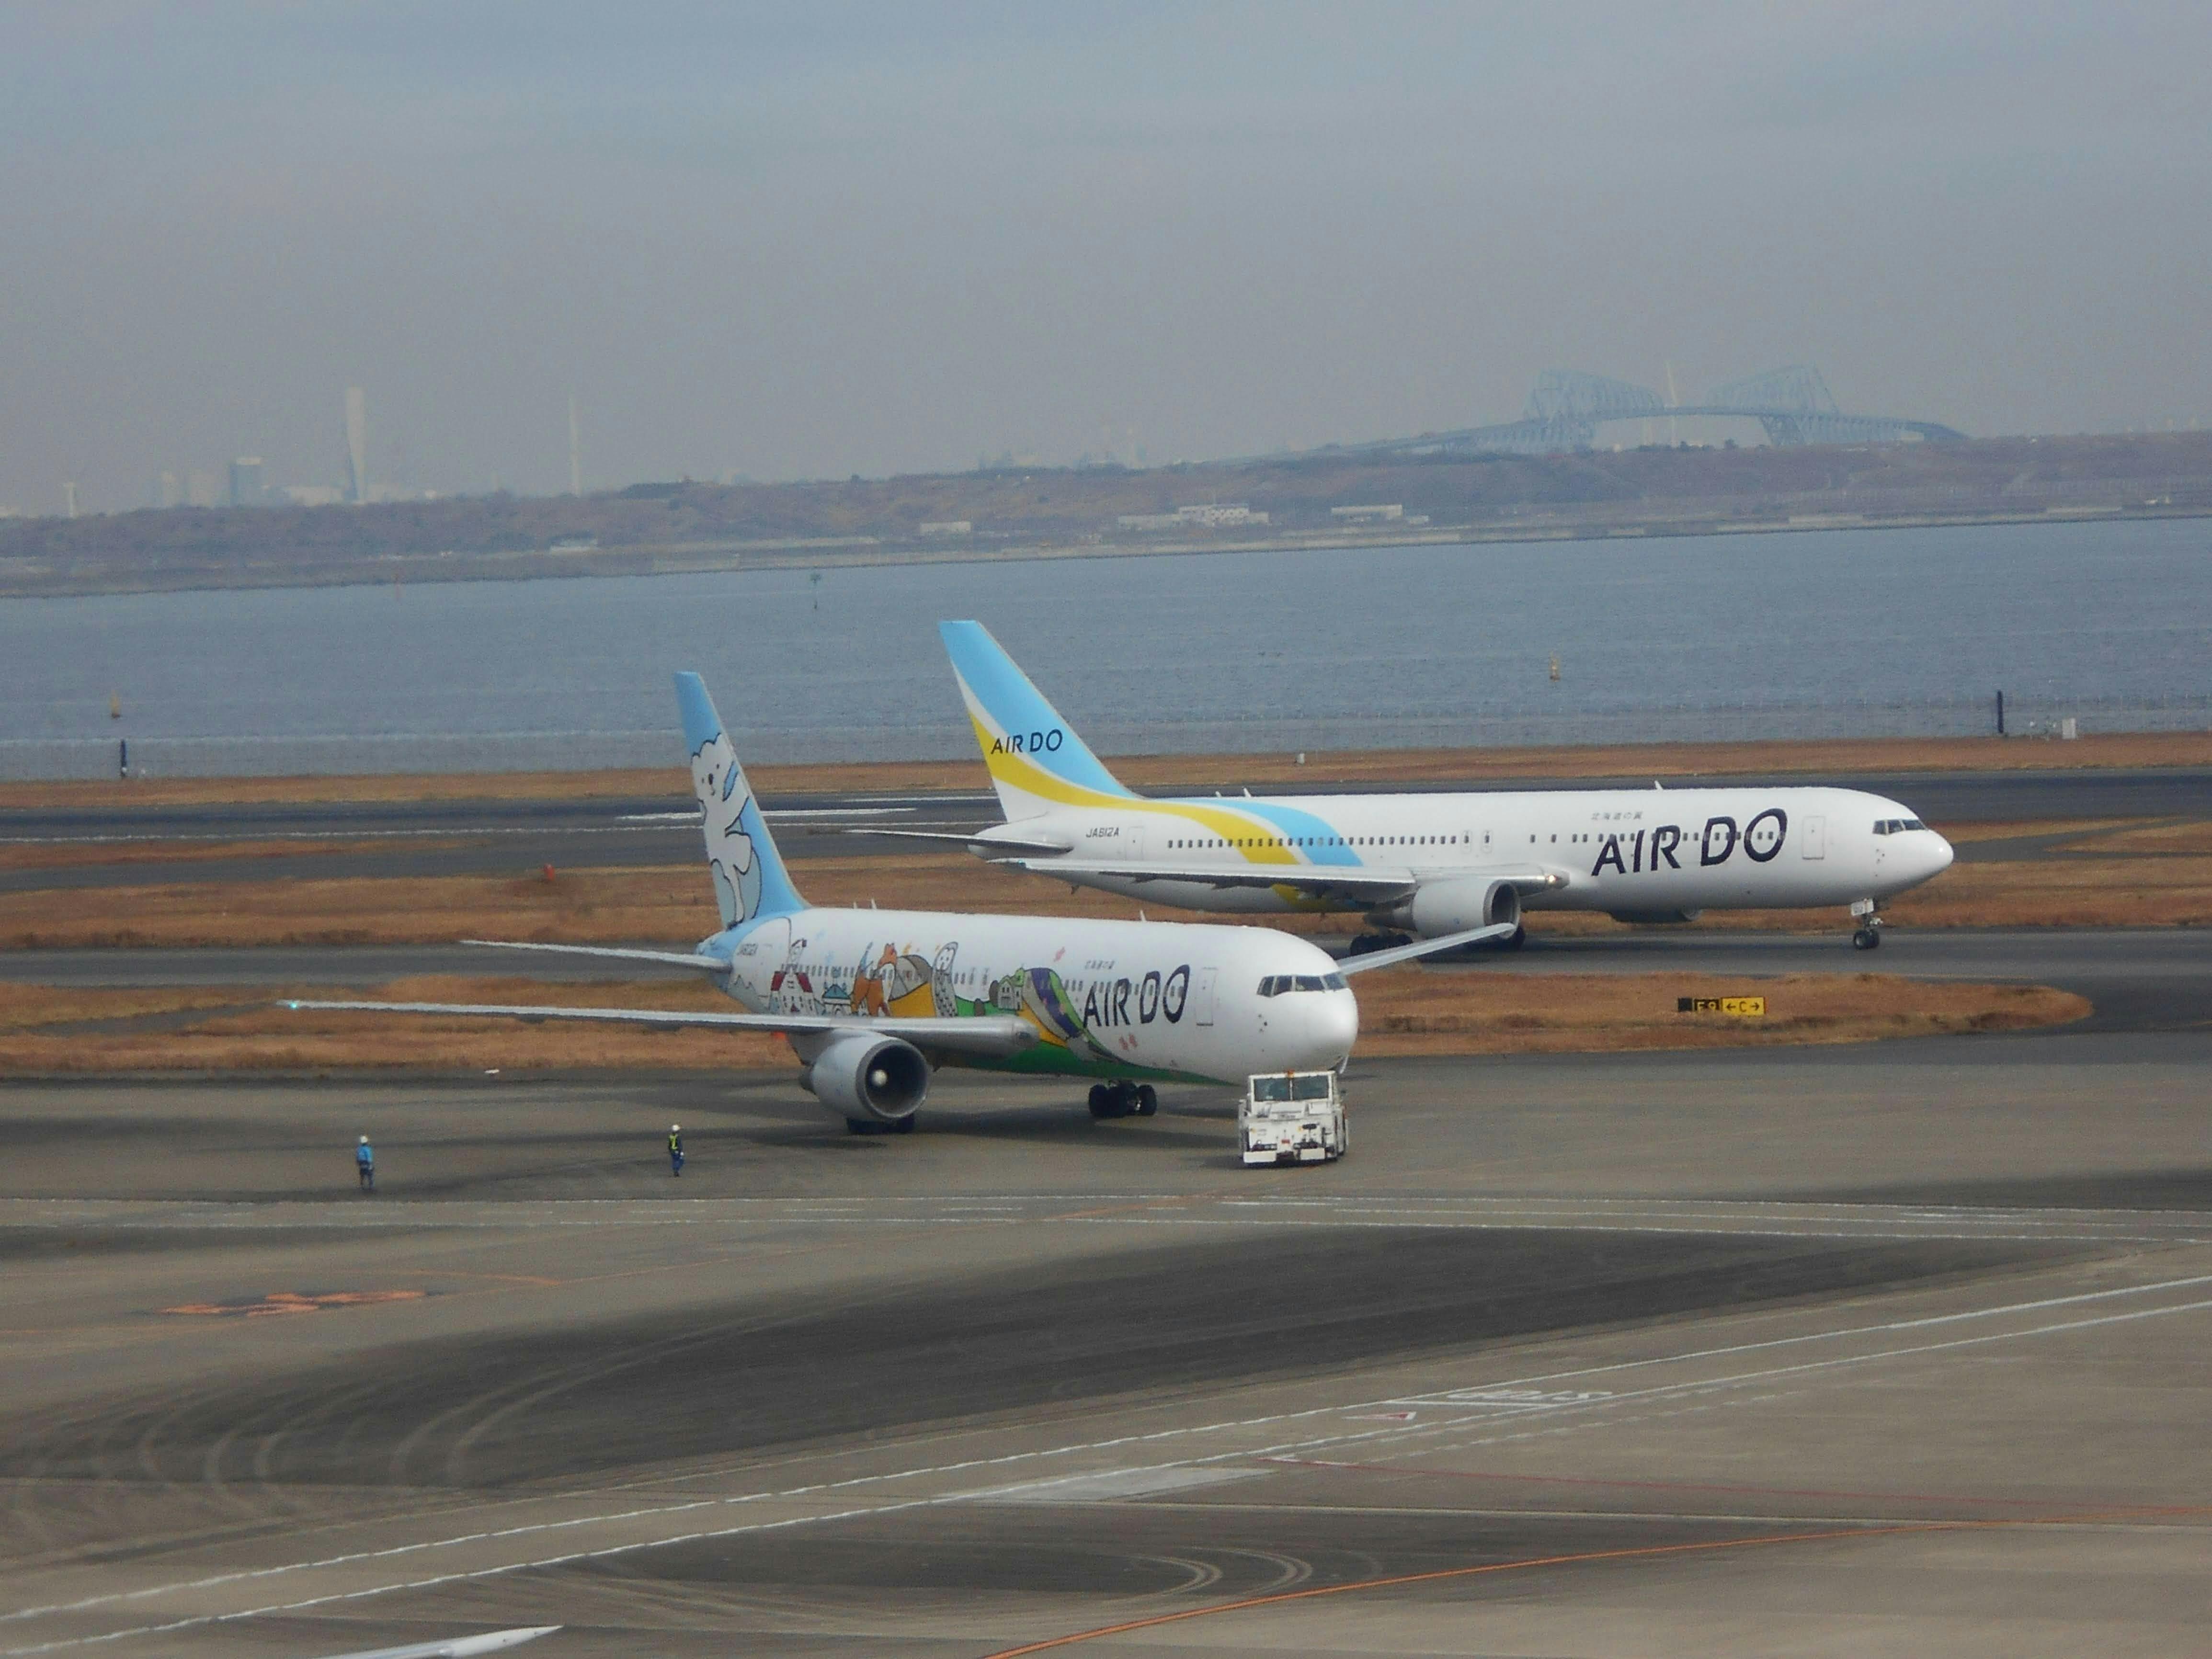 f:id:A350-900:20210109211839j:image